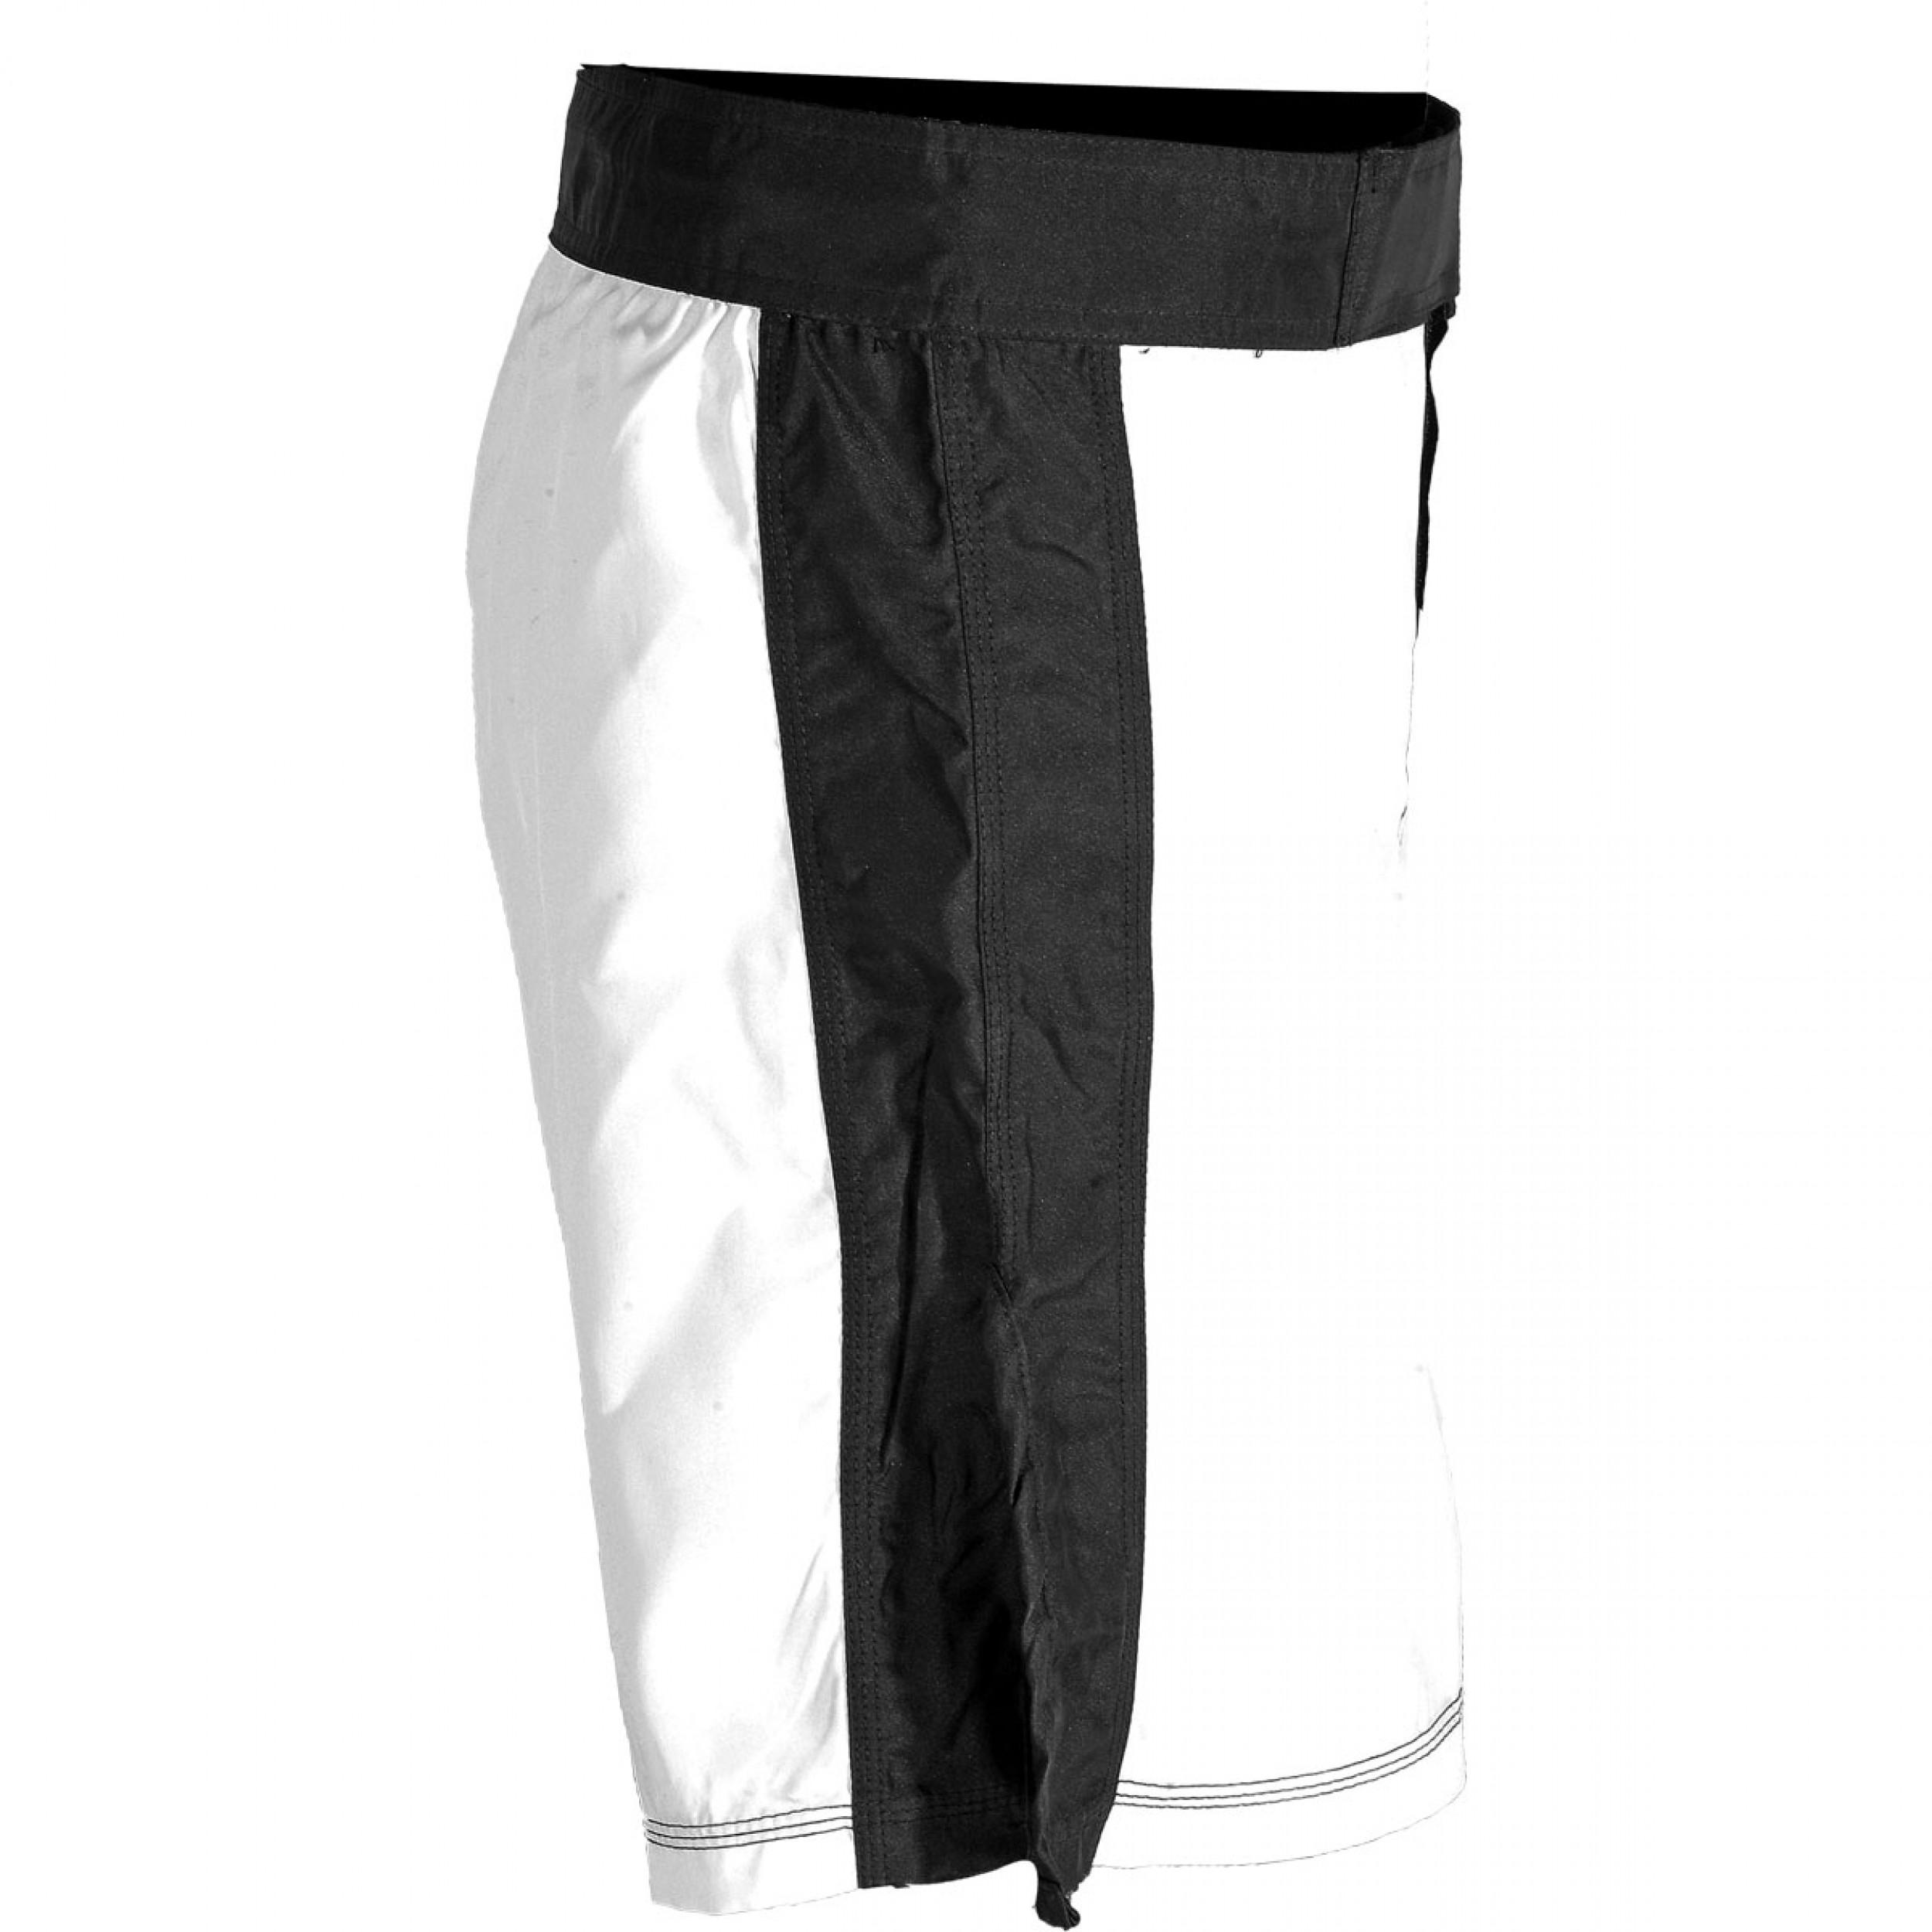 MMA WHITE Short #6001